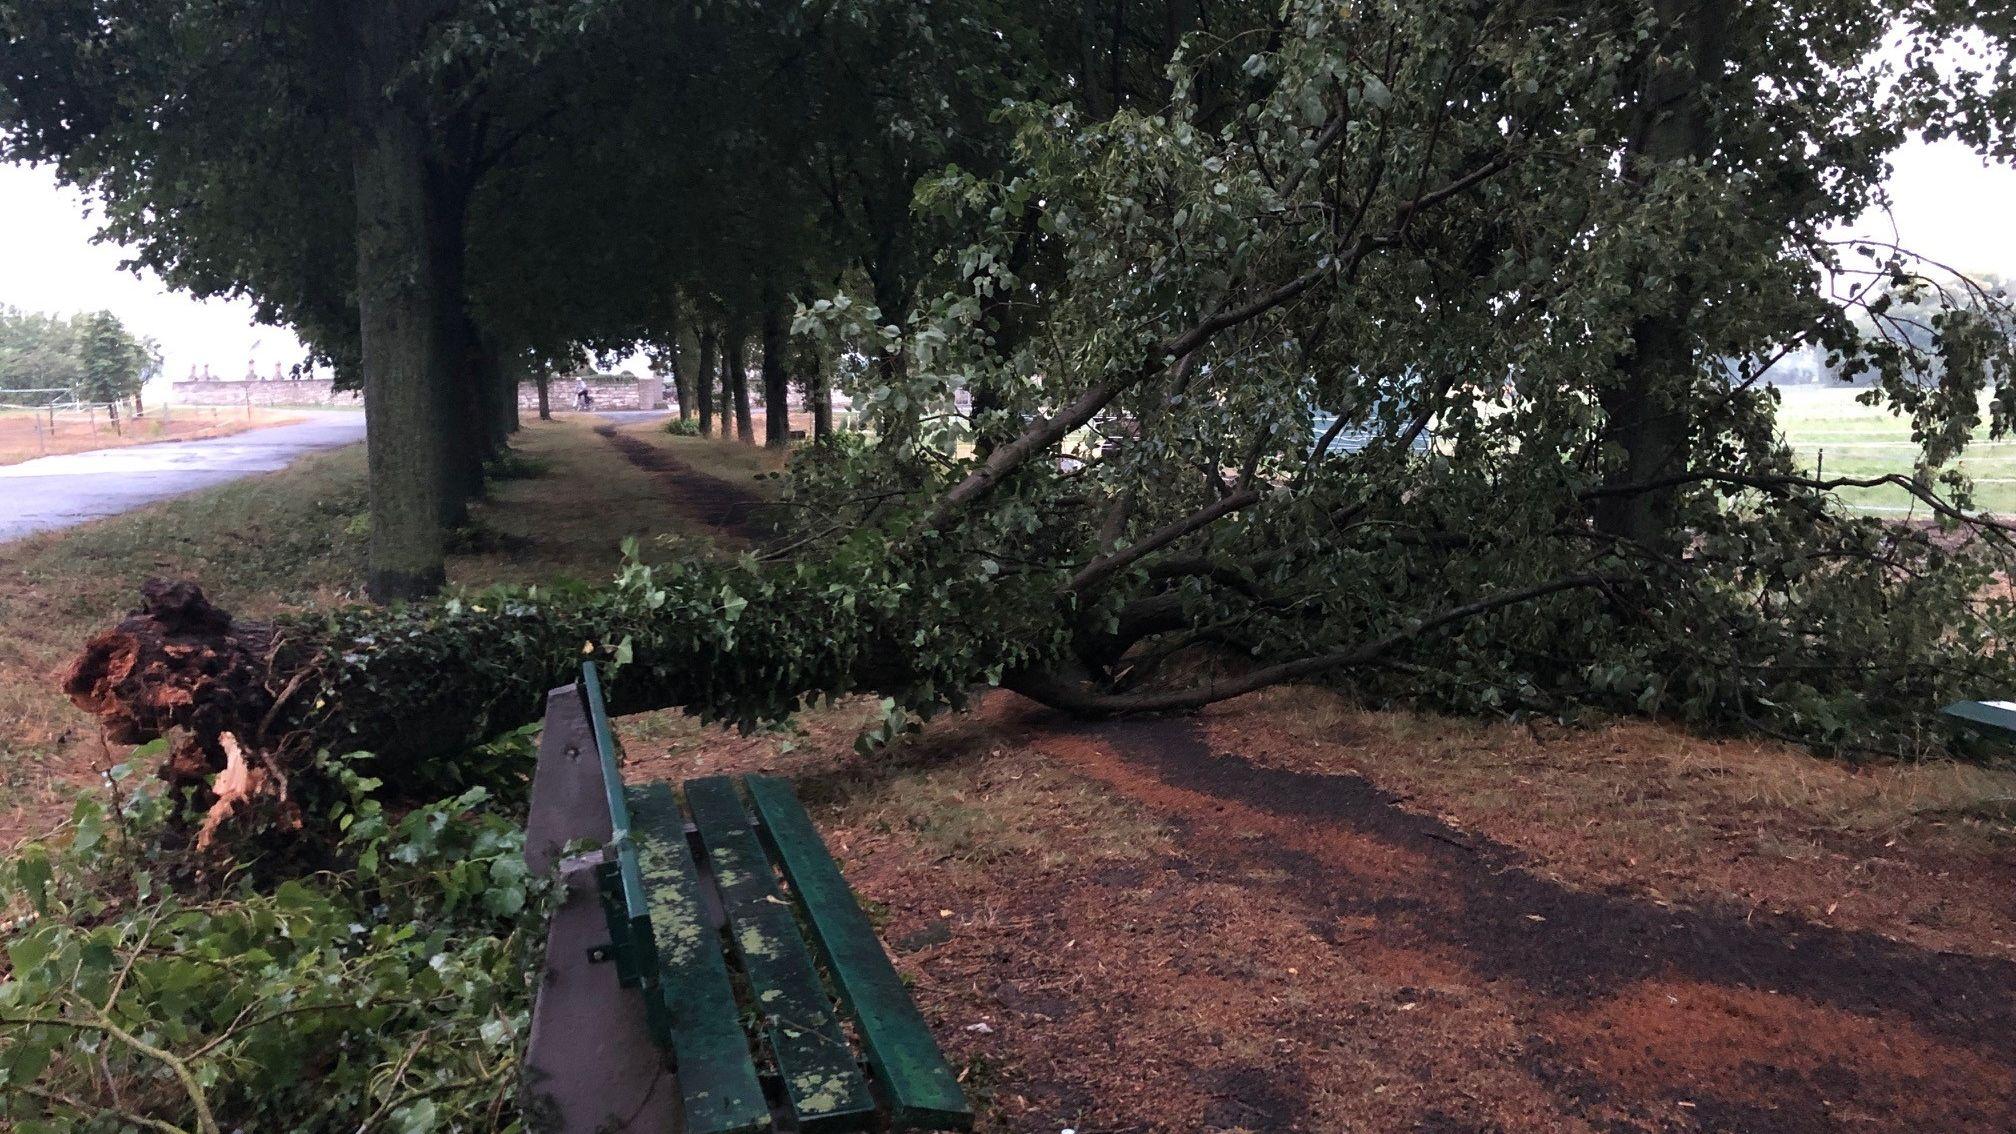 Umgefallener Baum an einem Fußgängerweg in Sulzheim (Lkr. Schweinfurt)